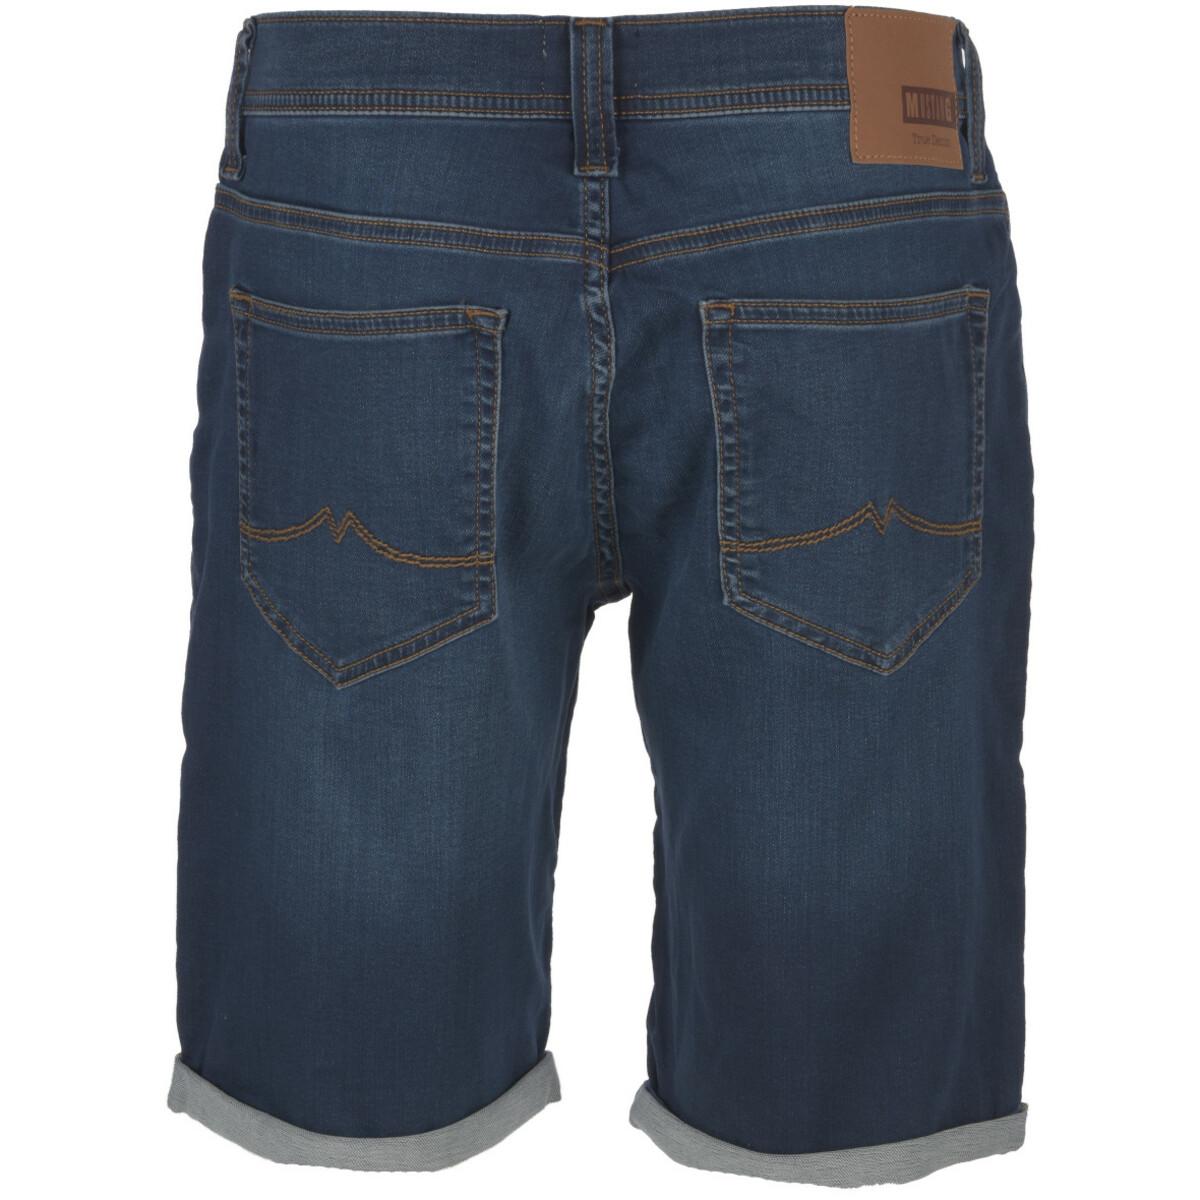 Bild 2 von Herren Mustang Jeans Shorts